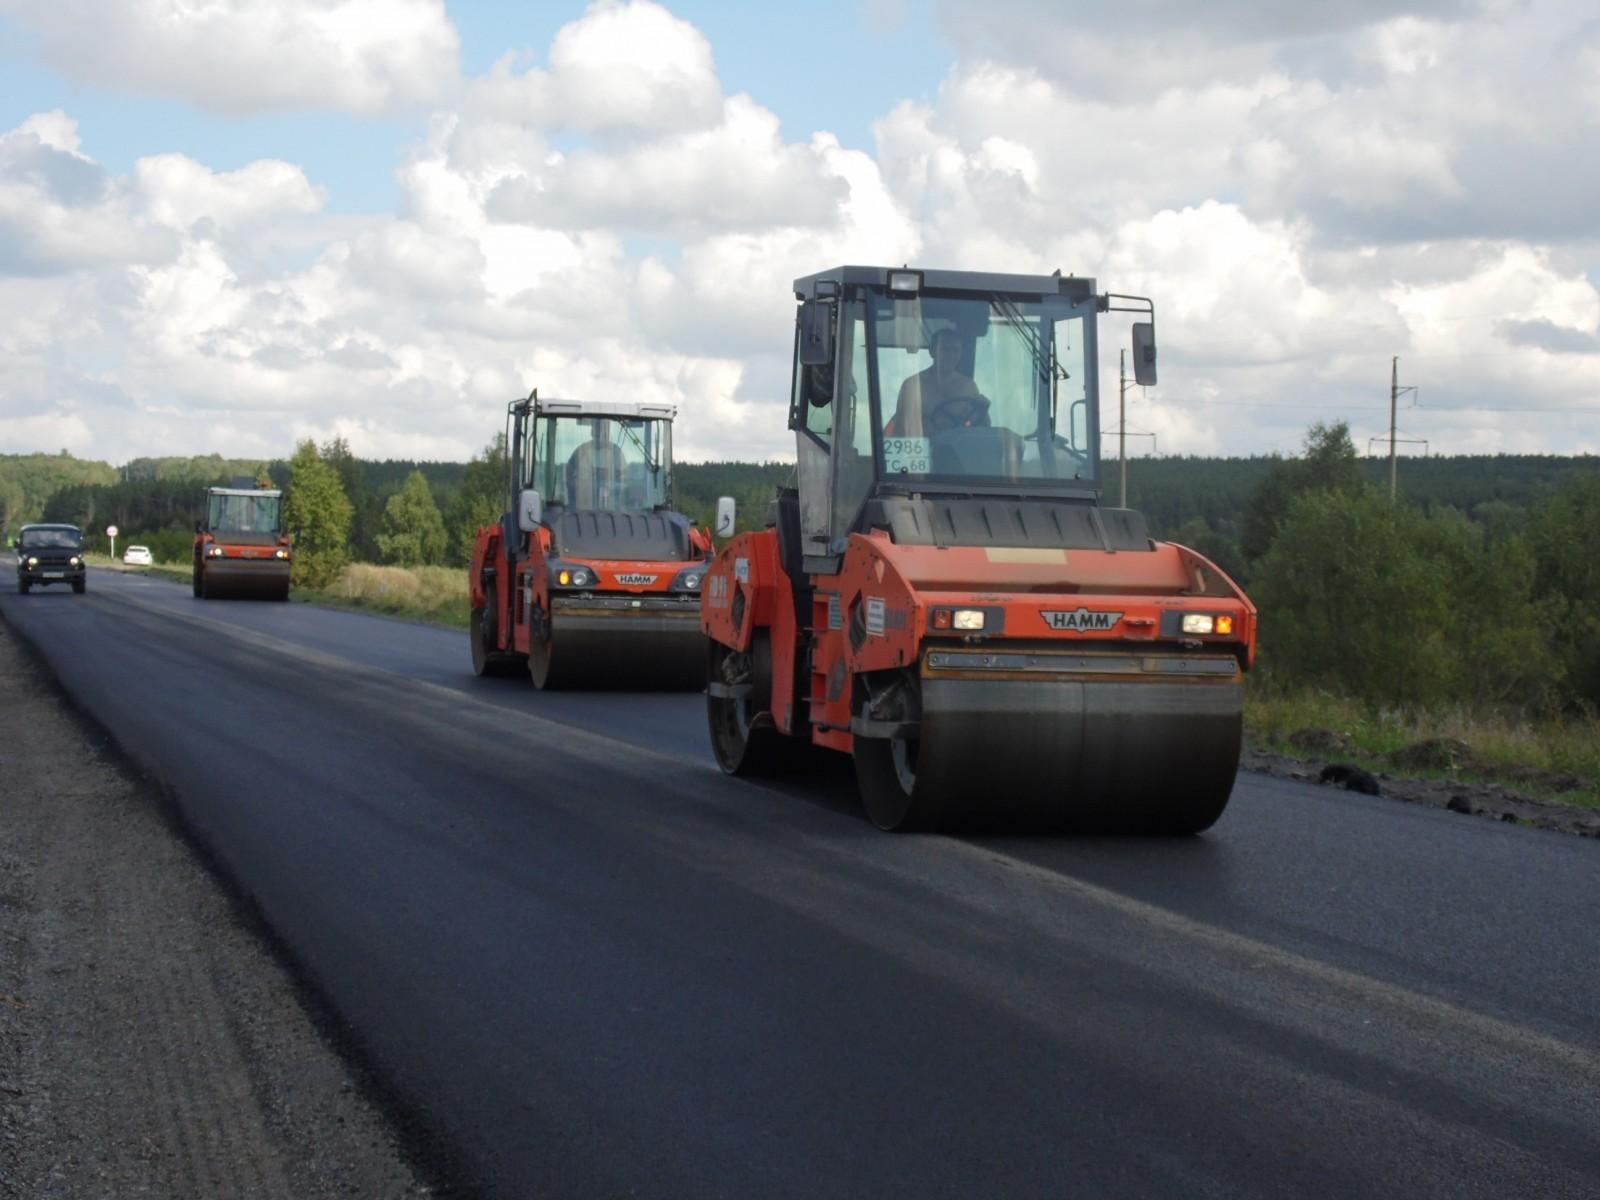 Тамбовская область получит дополнительные средства на ремонт сети автомобильных дорог